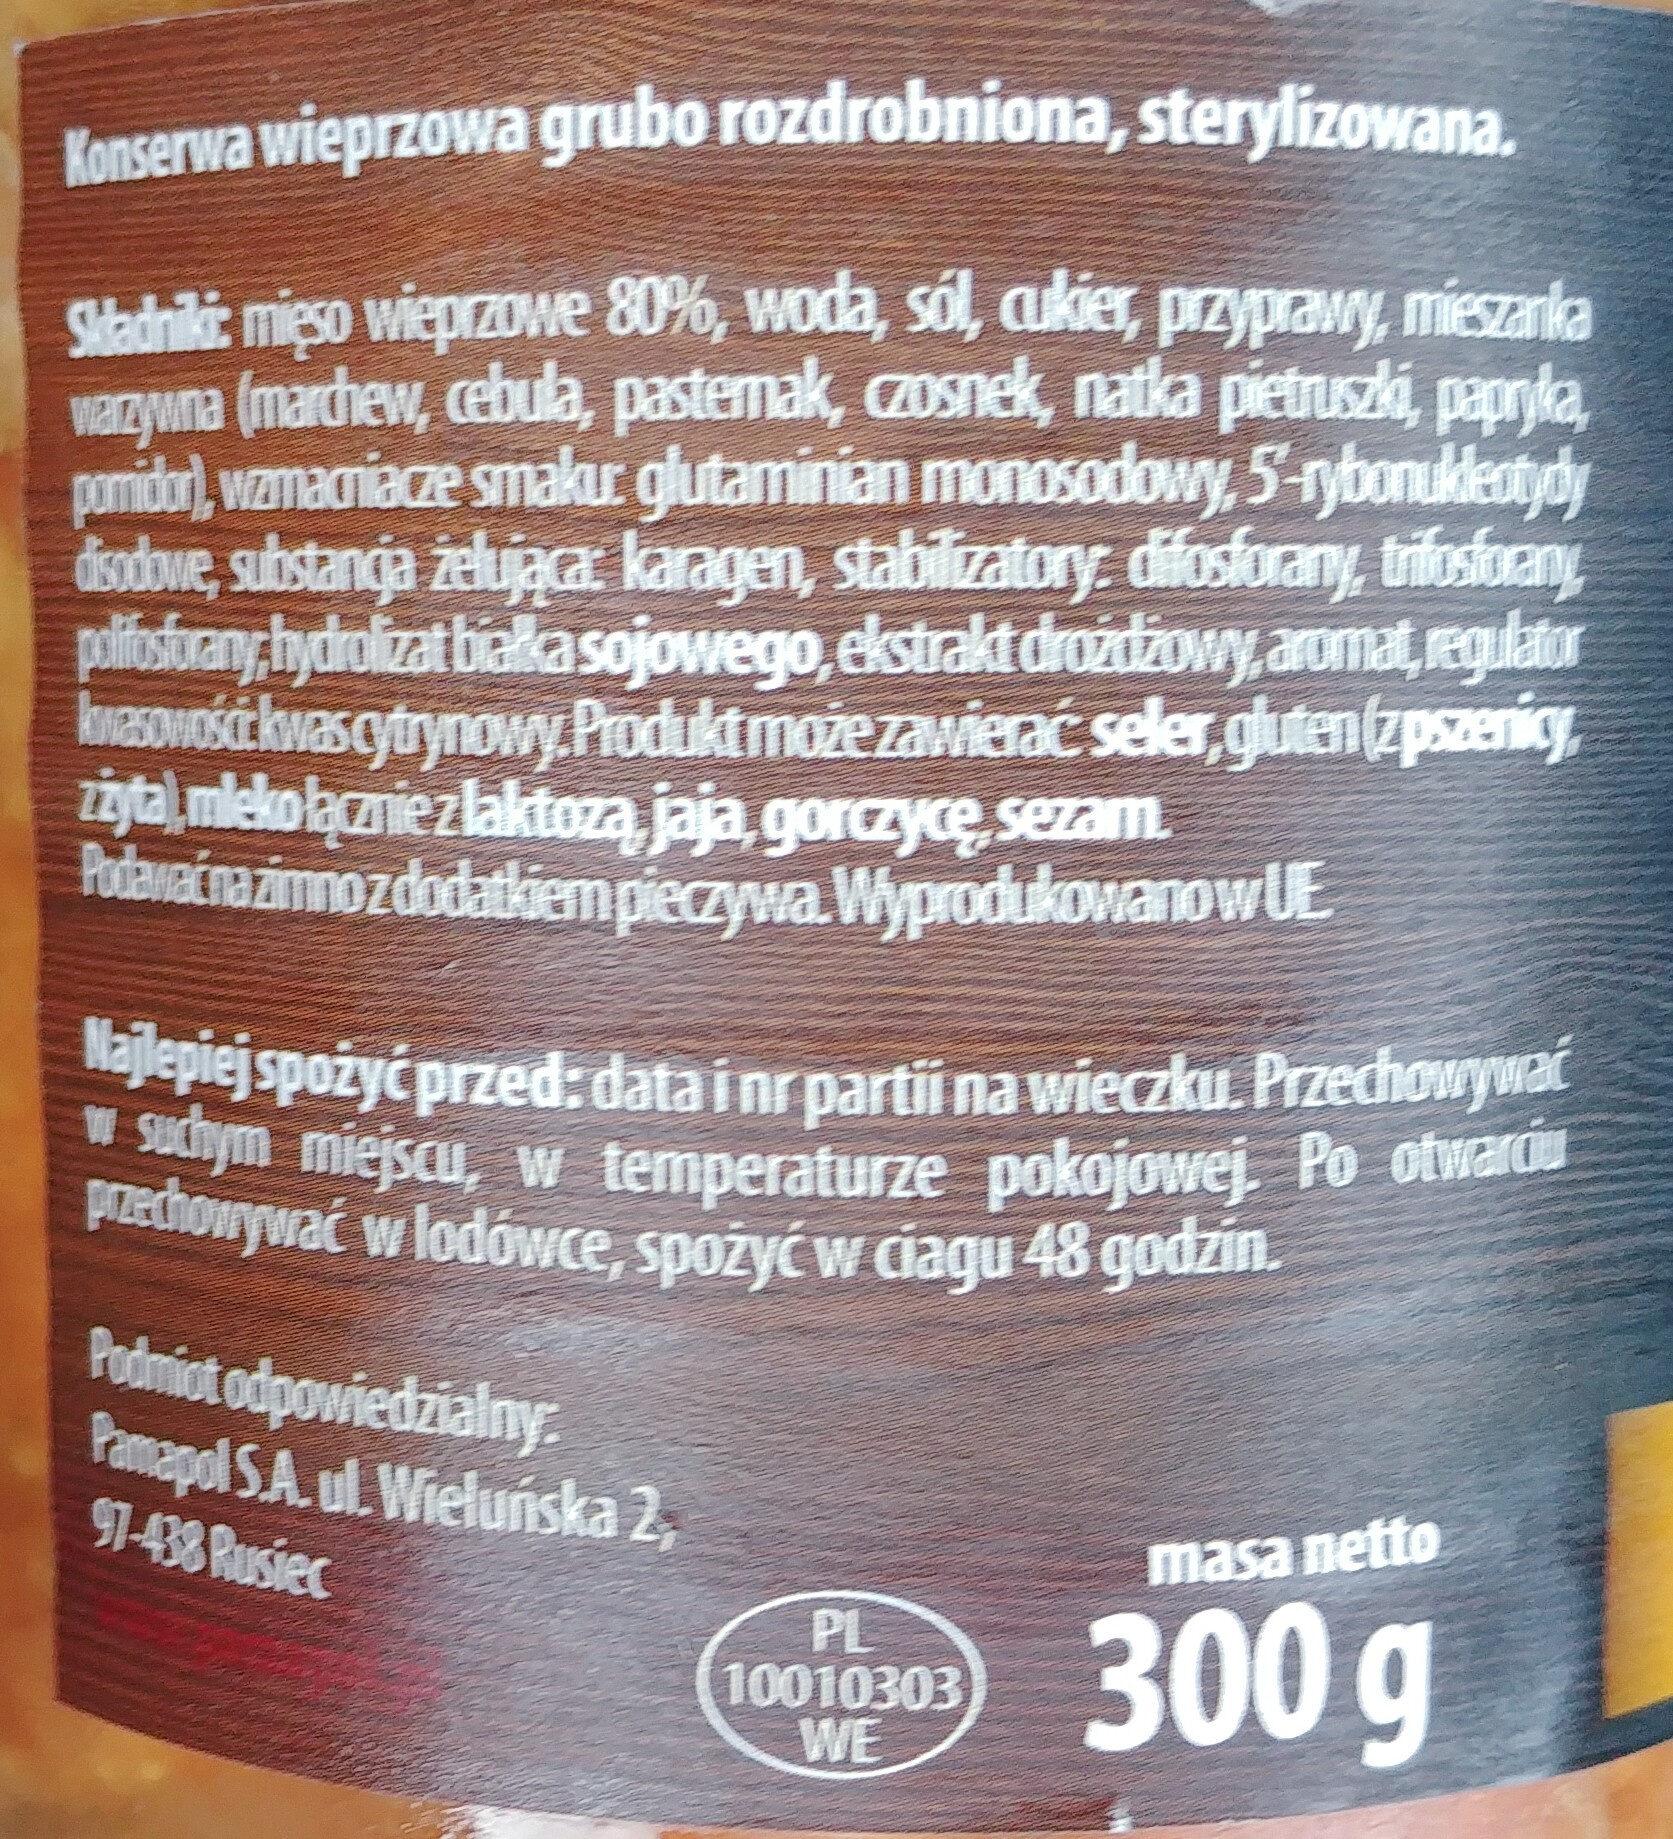 Konserwa wieprzowa grubo rozdrobniona - Składniki - pl